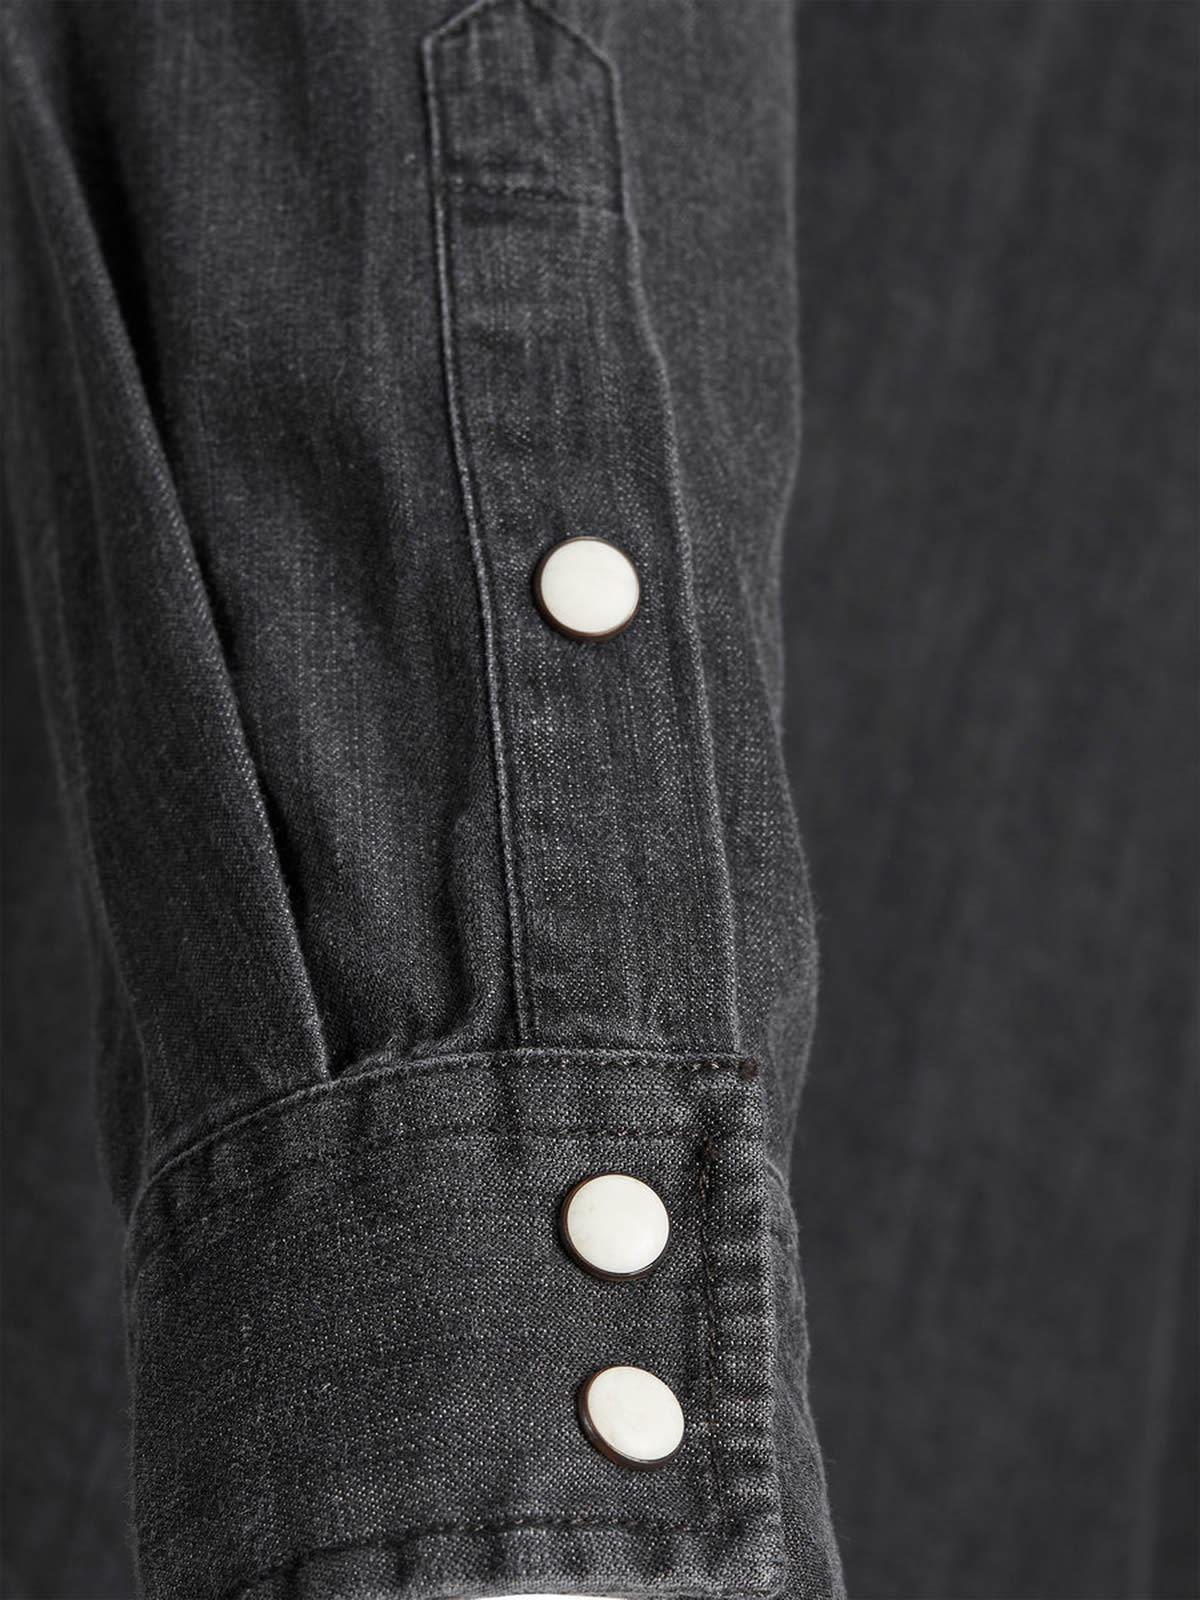 d8dde24d154 Mens Denim Shirt JACK   JONES One Long Sleeve Collared Denim Top